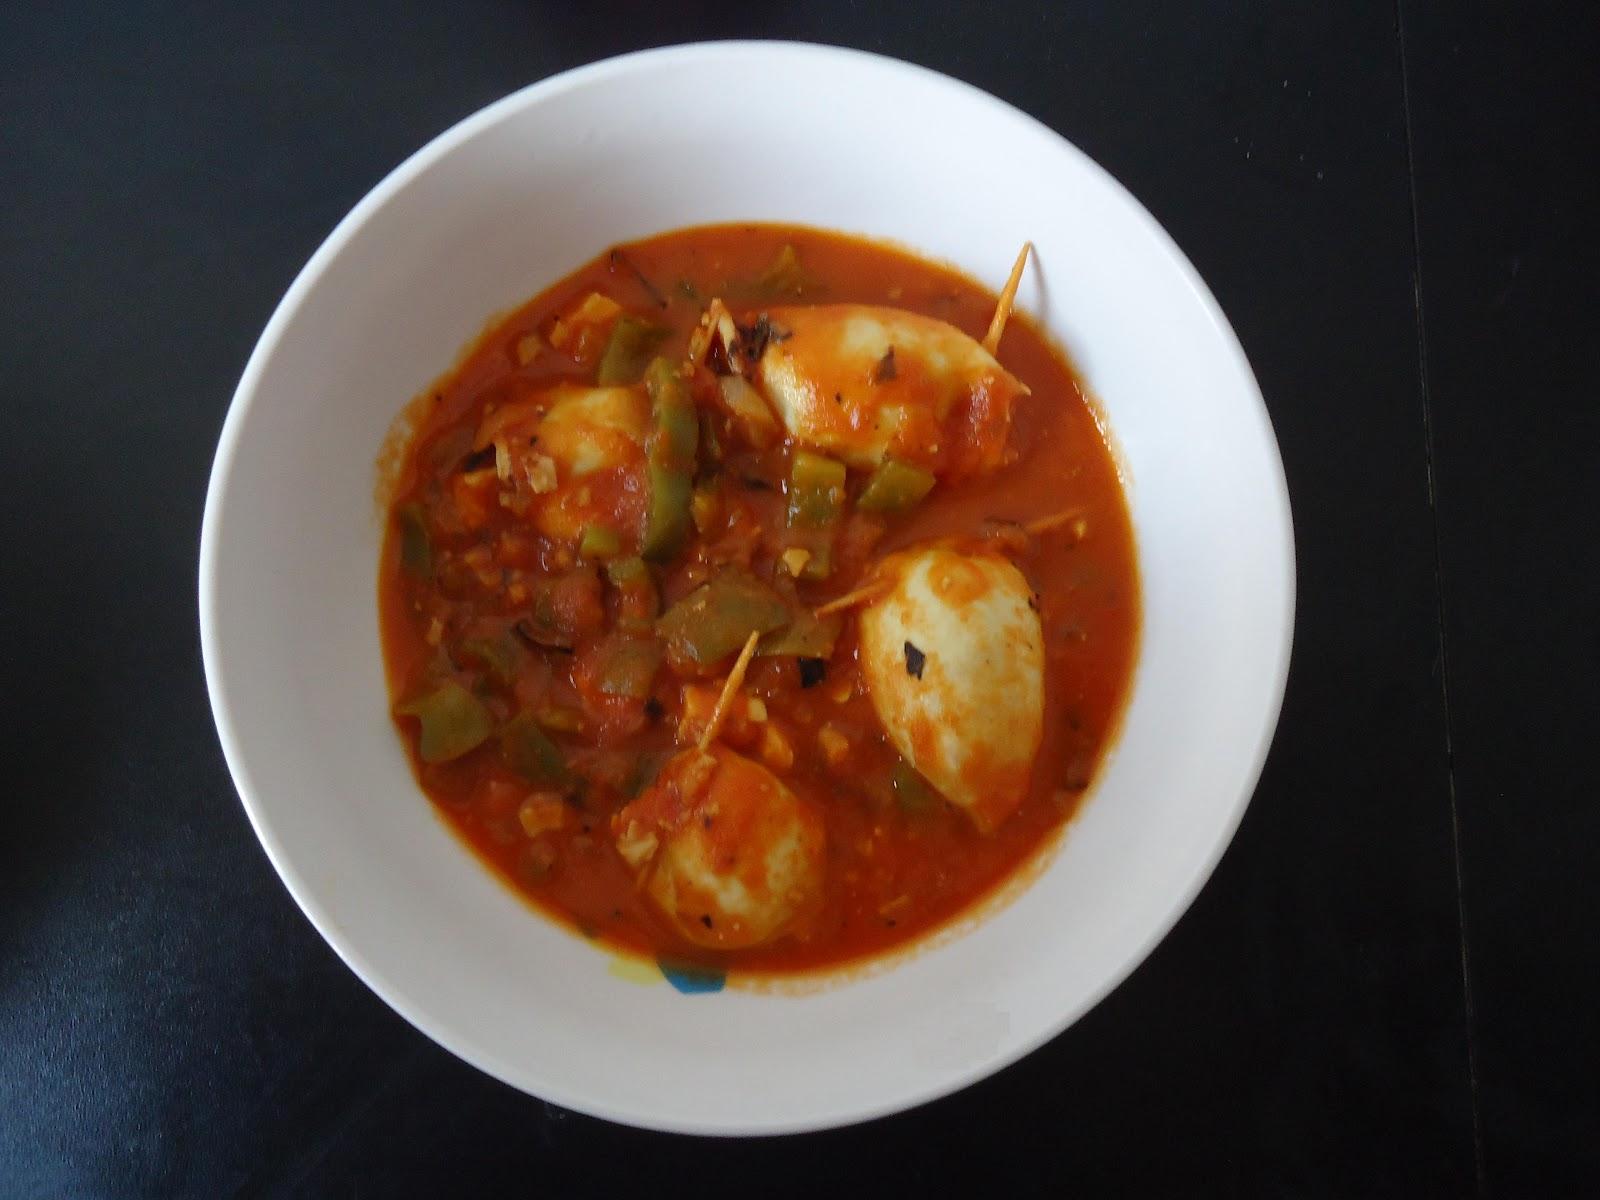 El cocinar es f cil chipirones rellenos en salsa de tomate - Chipirones rellenos en salsa de tomate ...